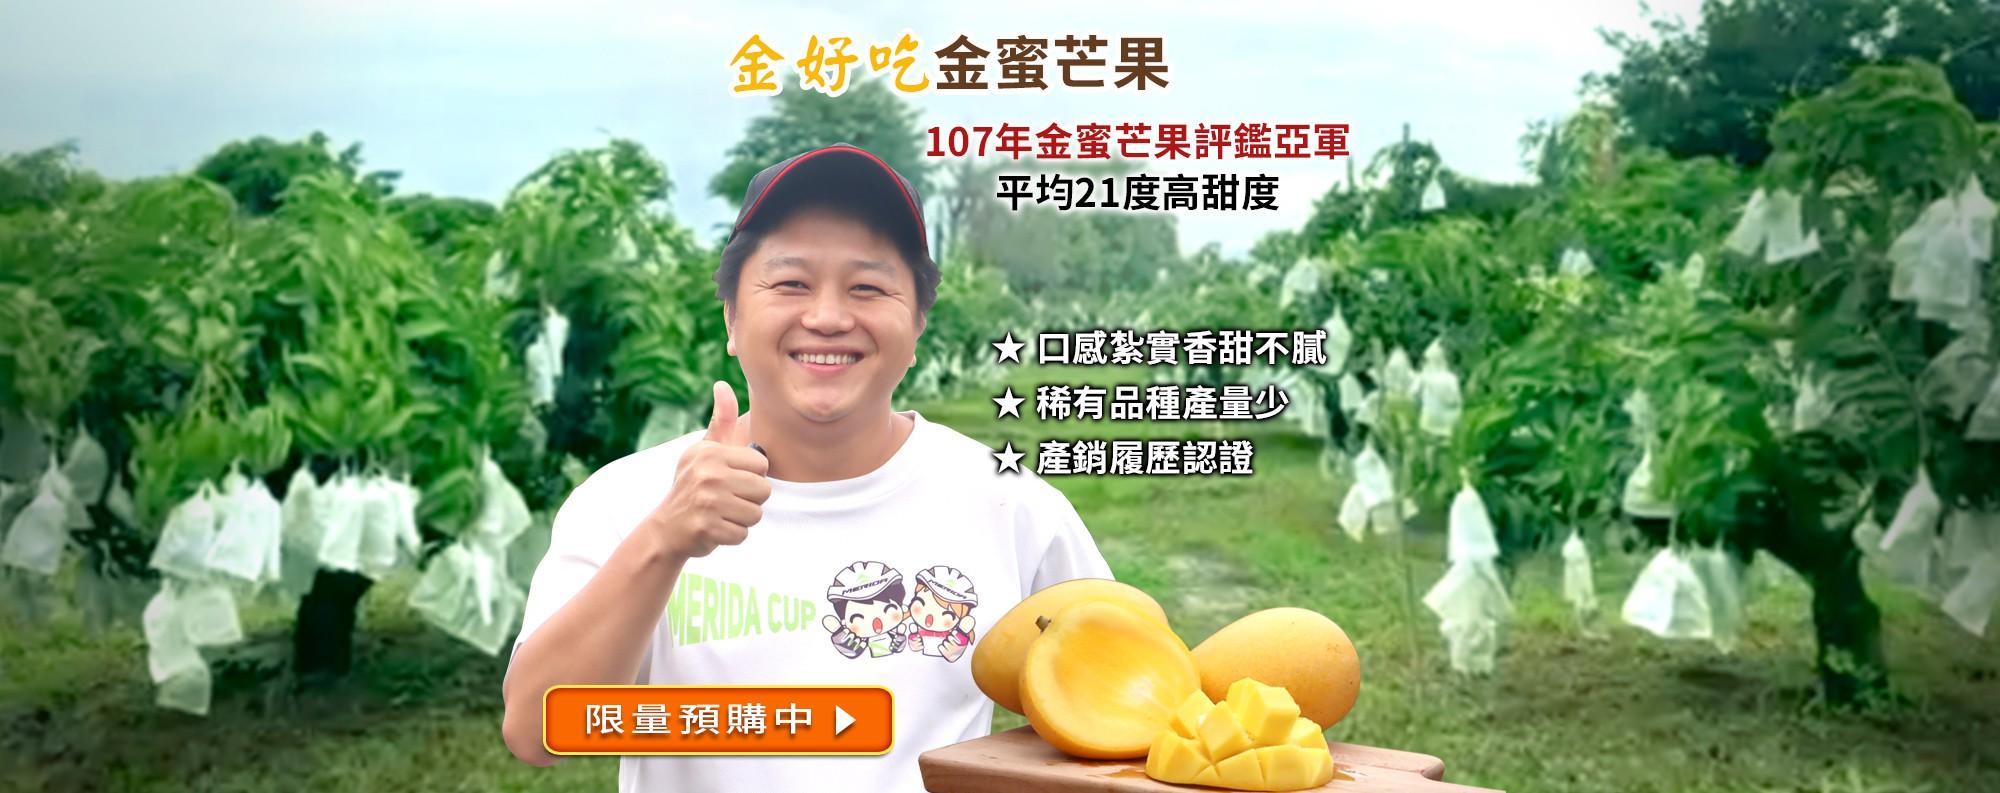 【金好吃】 金蜜芒果